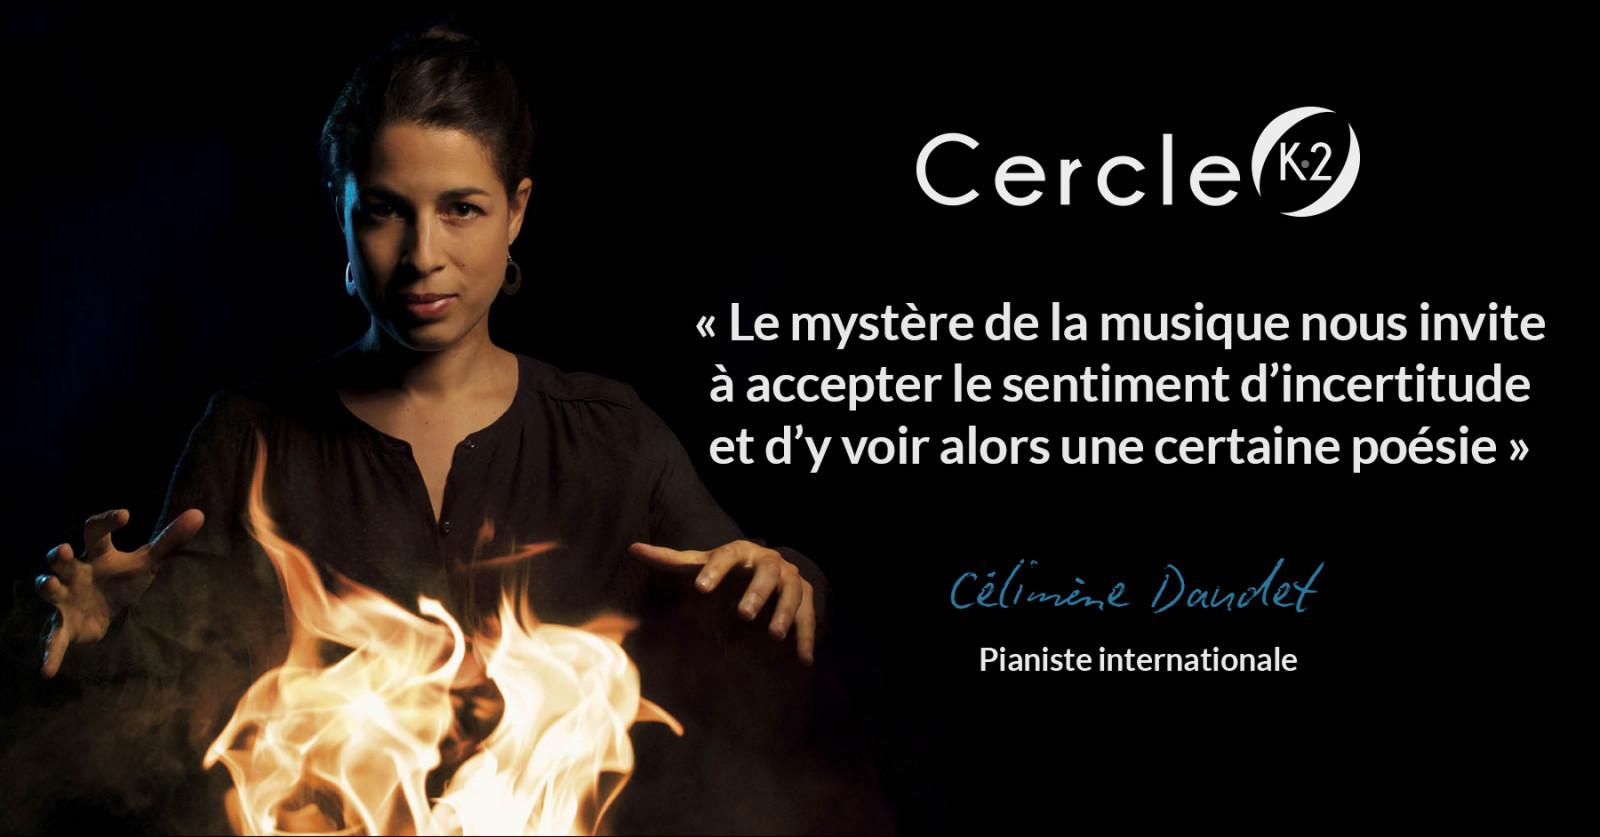 """Entretien avec Célimène Daudet pour la sortie de son album """"Messe Noire"""" - Cercle K2"""